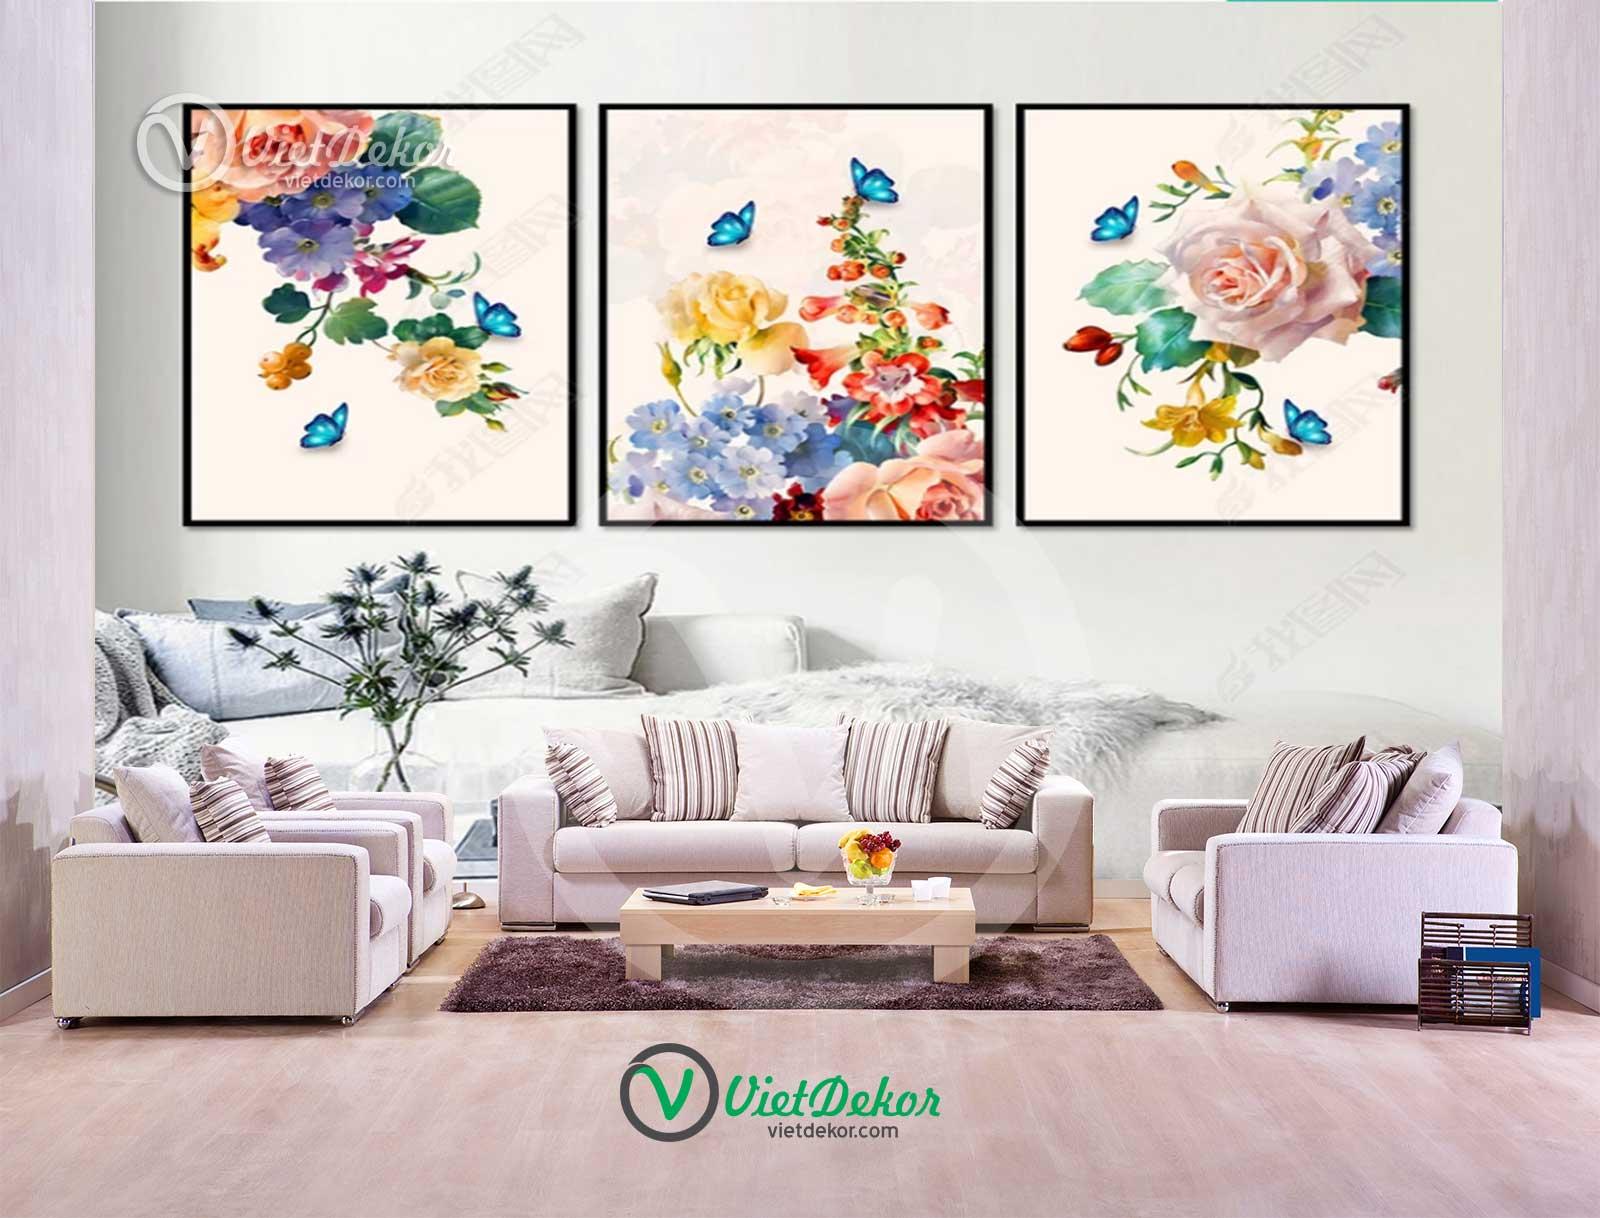 Tranh bộ treo tường hoa và chim trang trí  phòng ngủ phòng khách đẹp